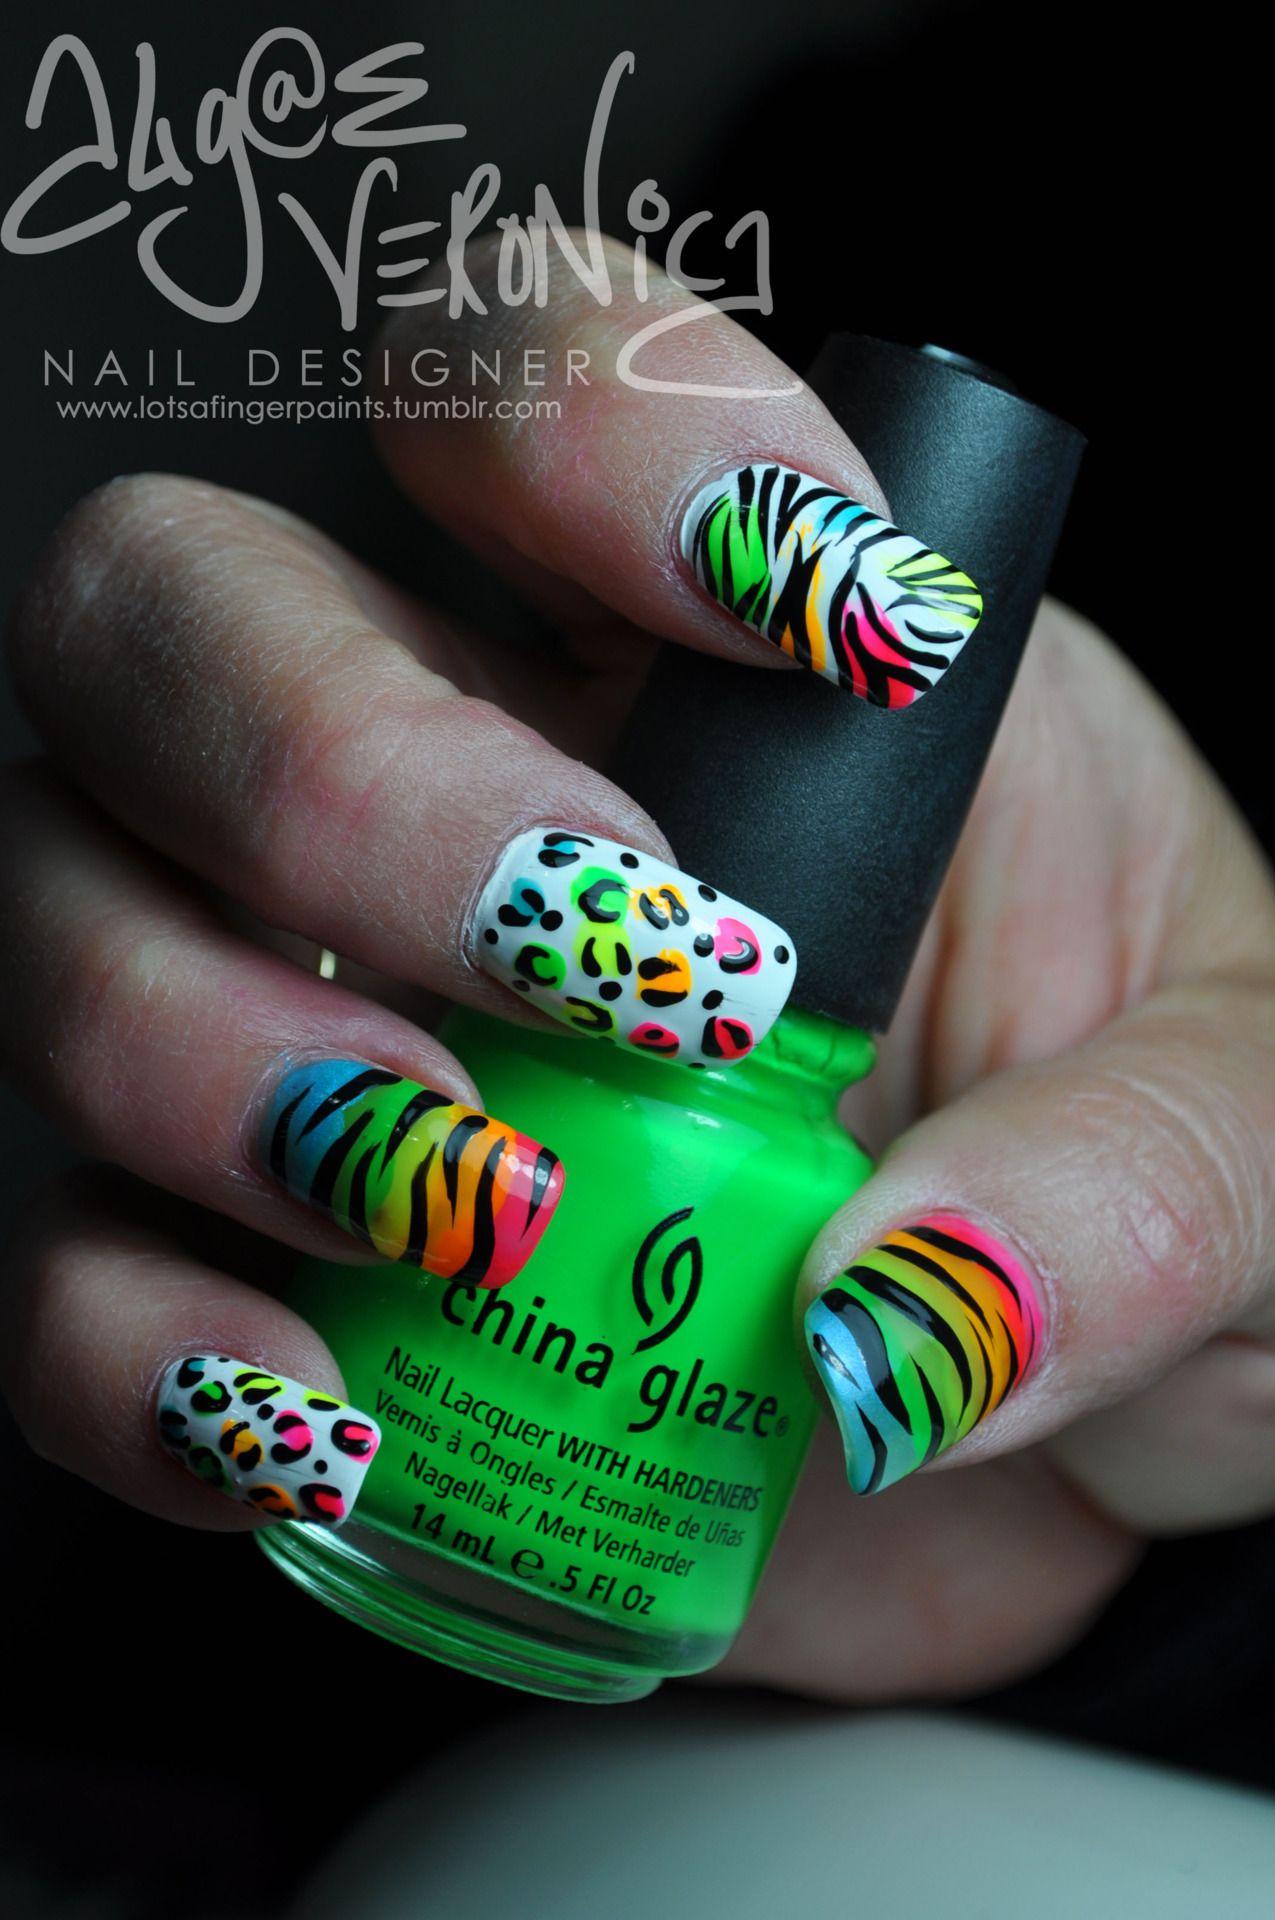 Pin de Lorena Hernandez en Lore | Pinterest | El arte de uñas de ...